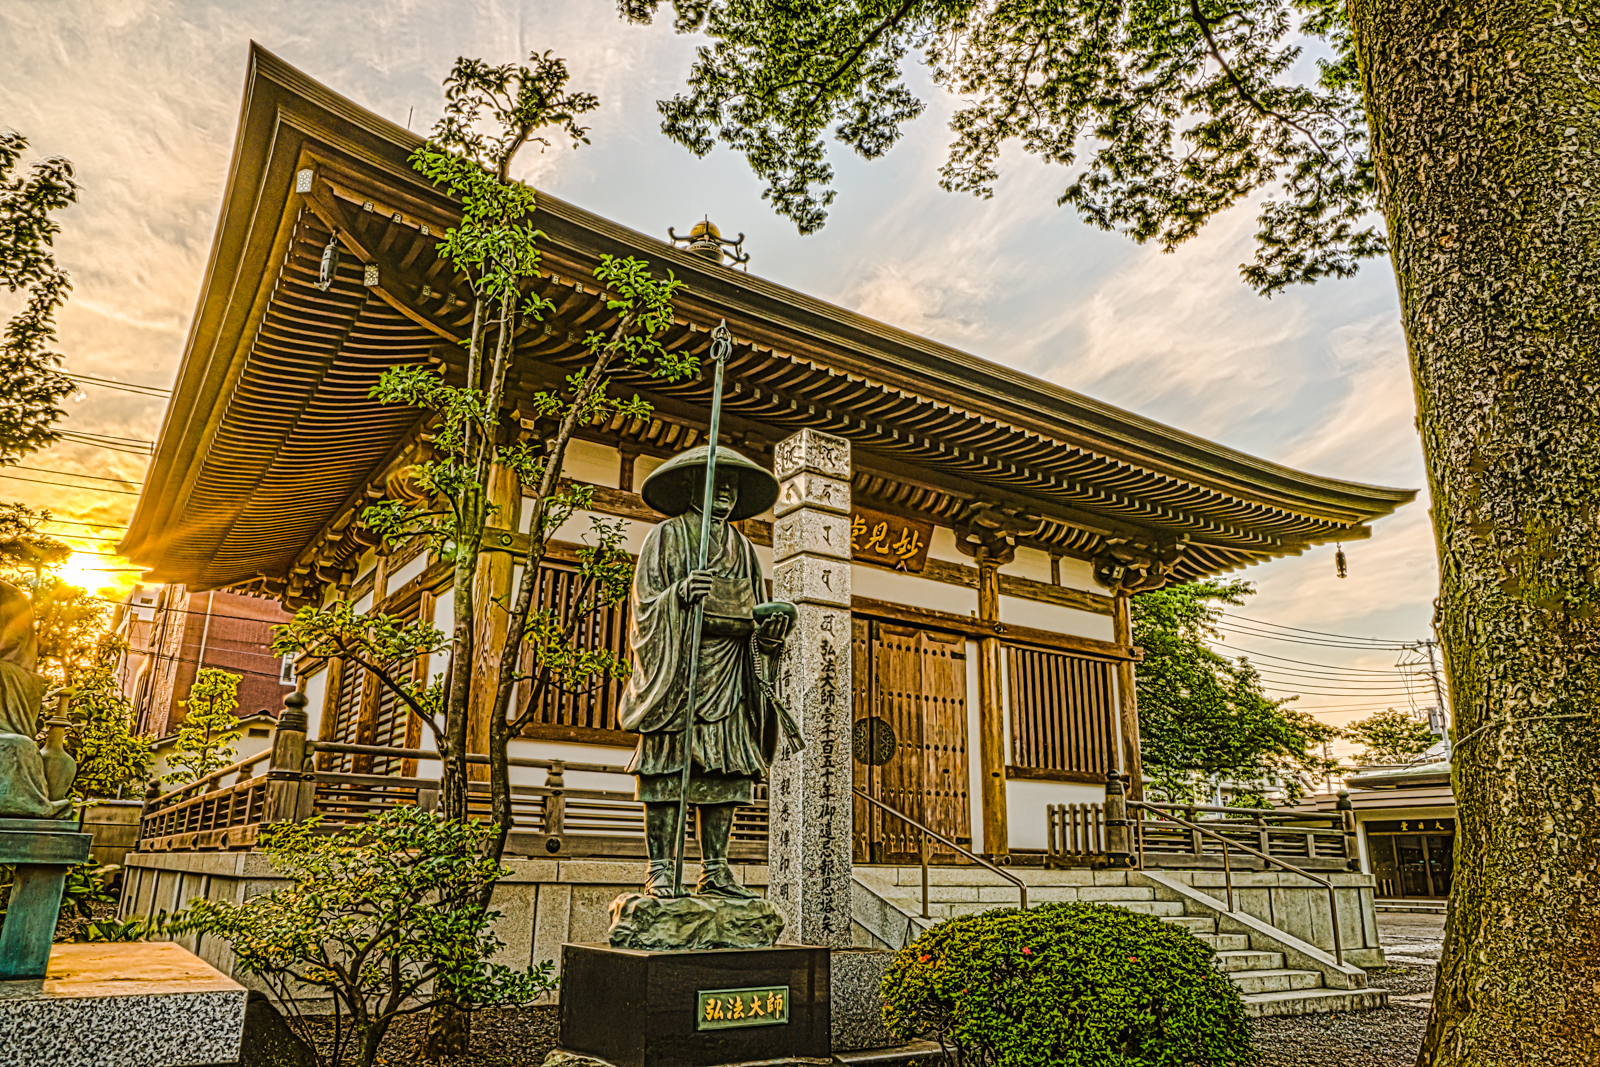 綺麗な夕日とお寺の写真